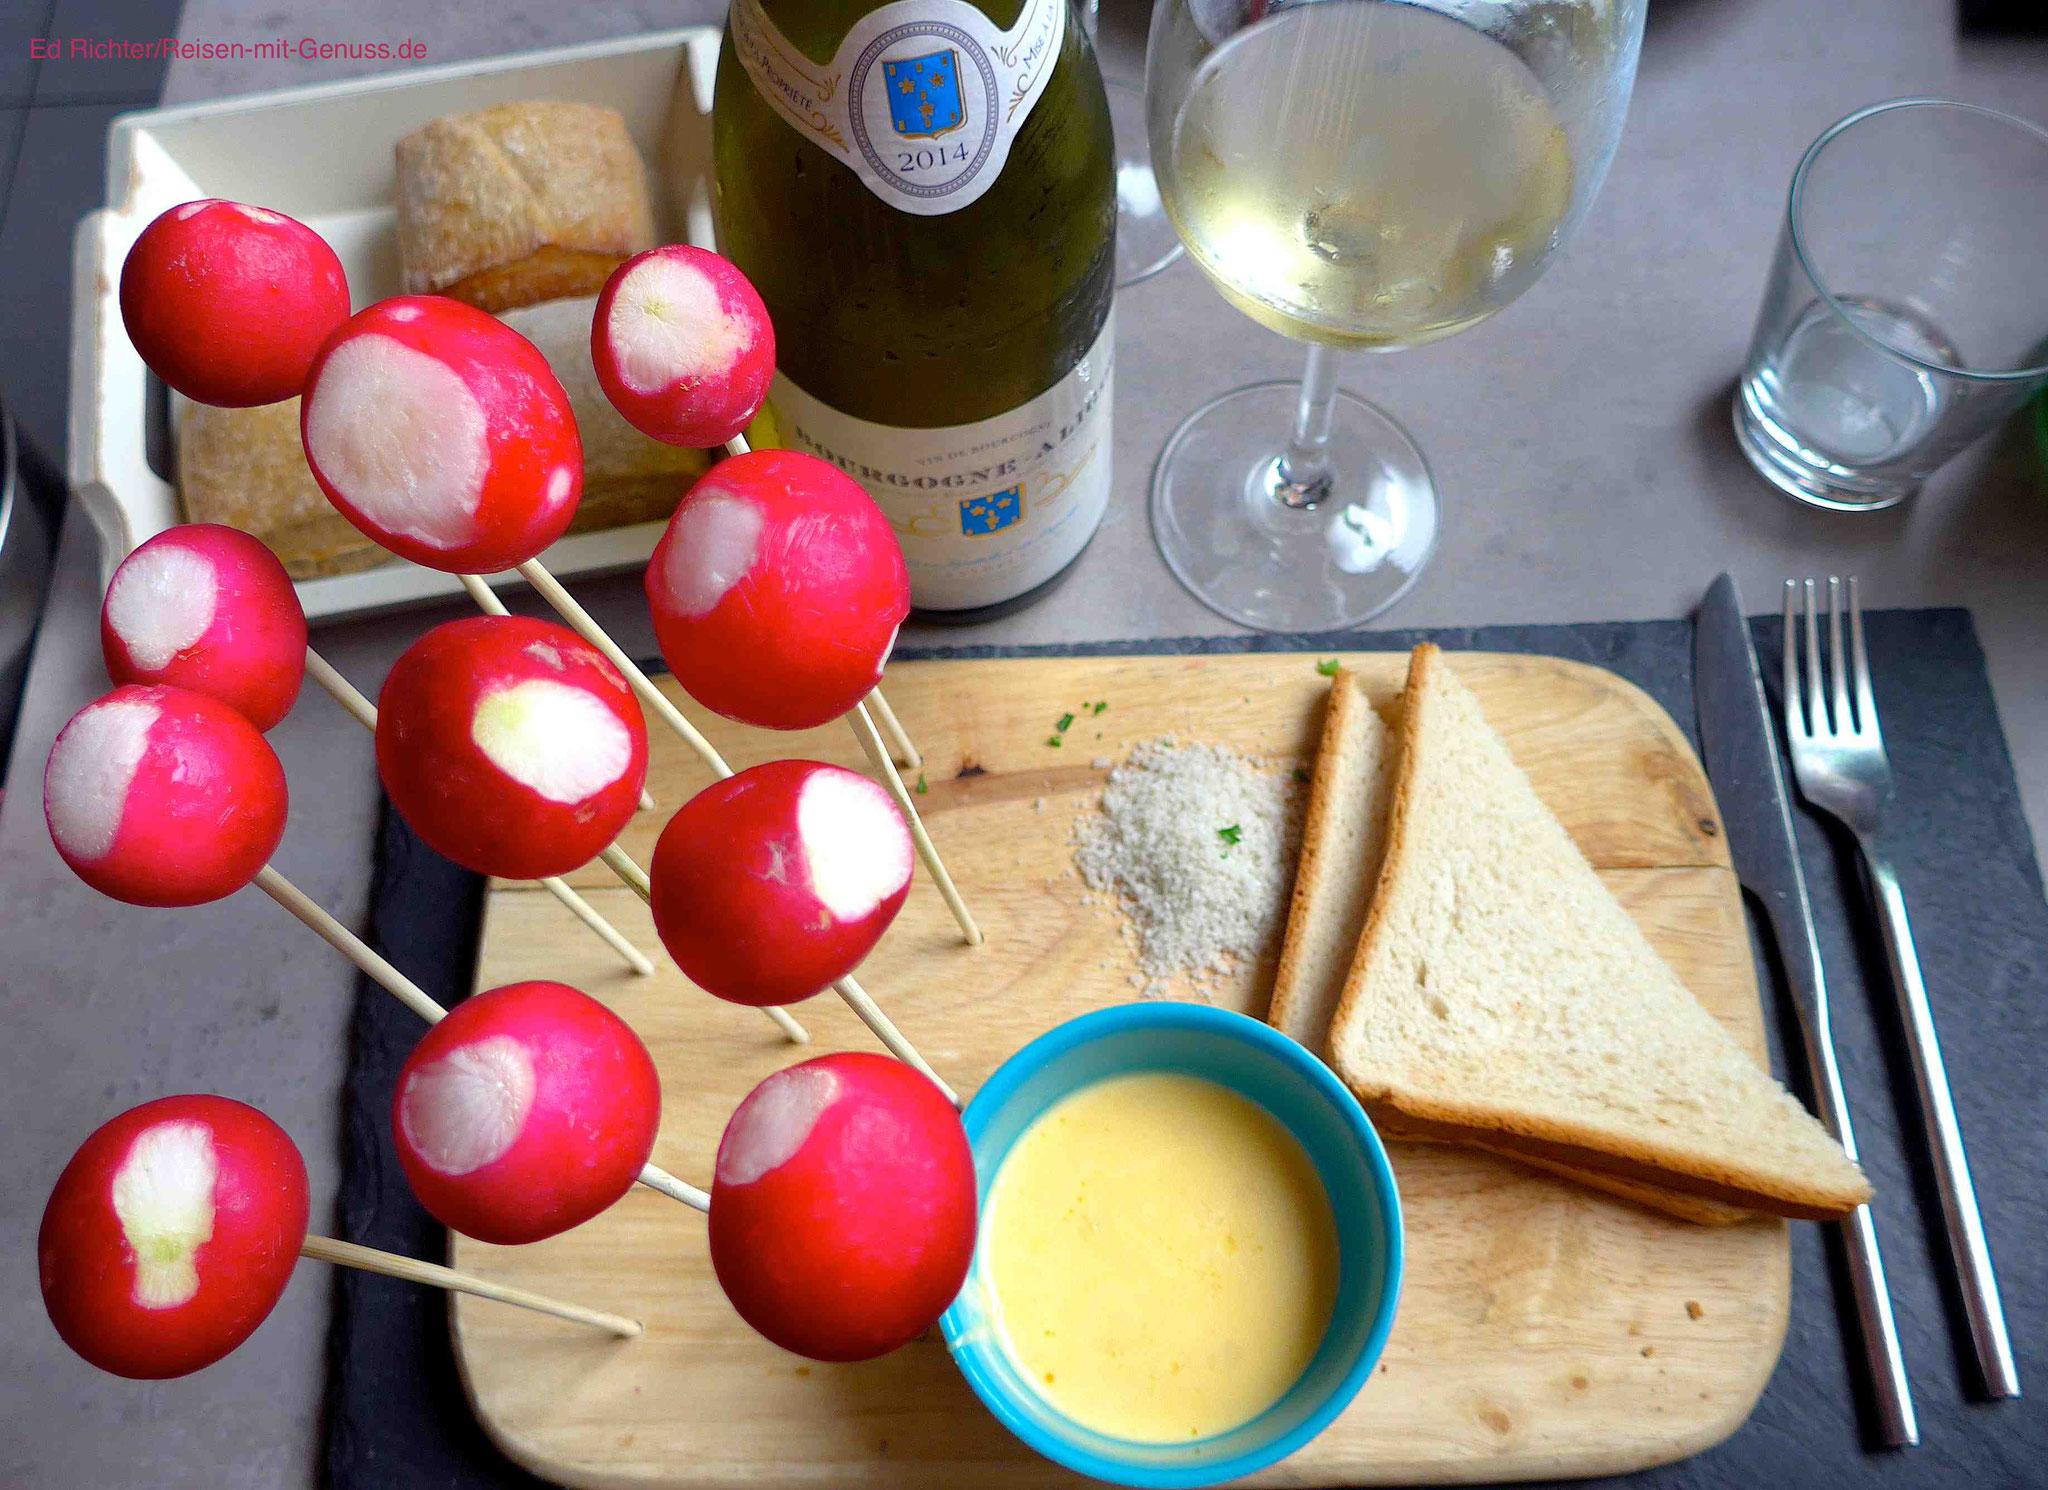 Witzige Idee: Die Radieschen am Spieß taucht man in den warmen Käse